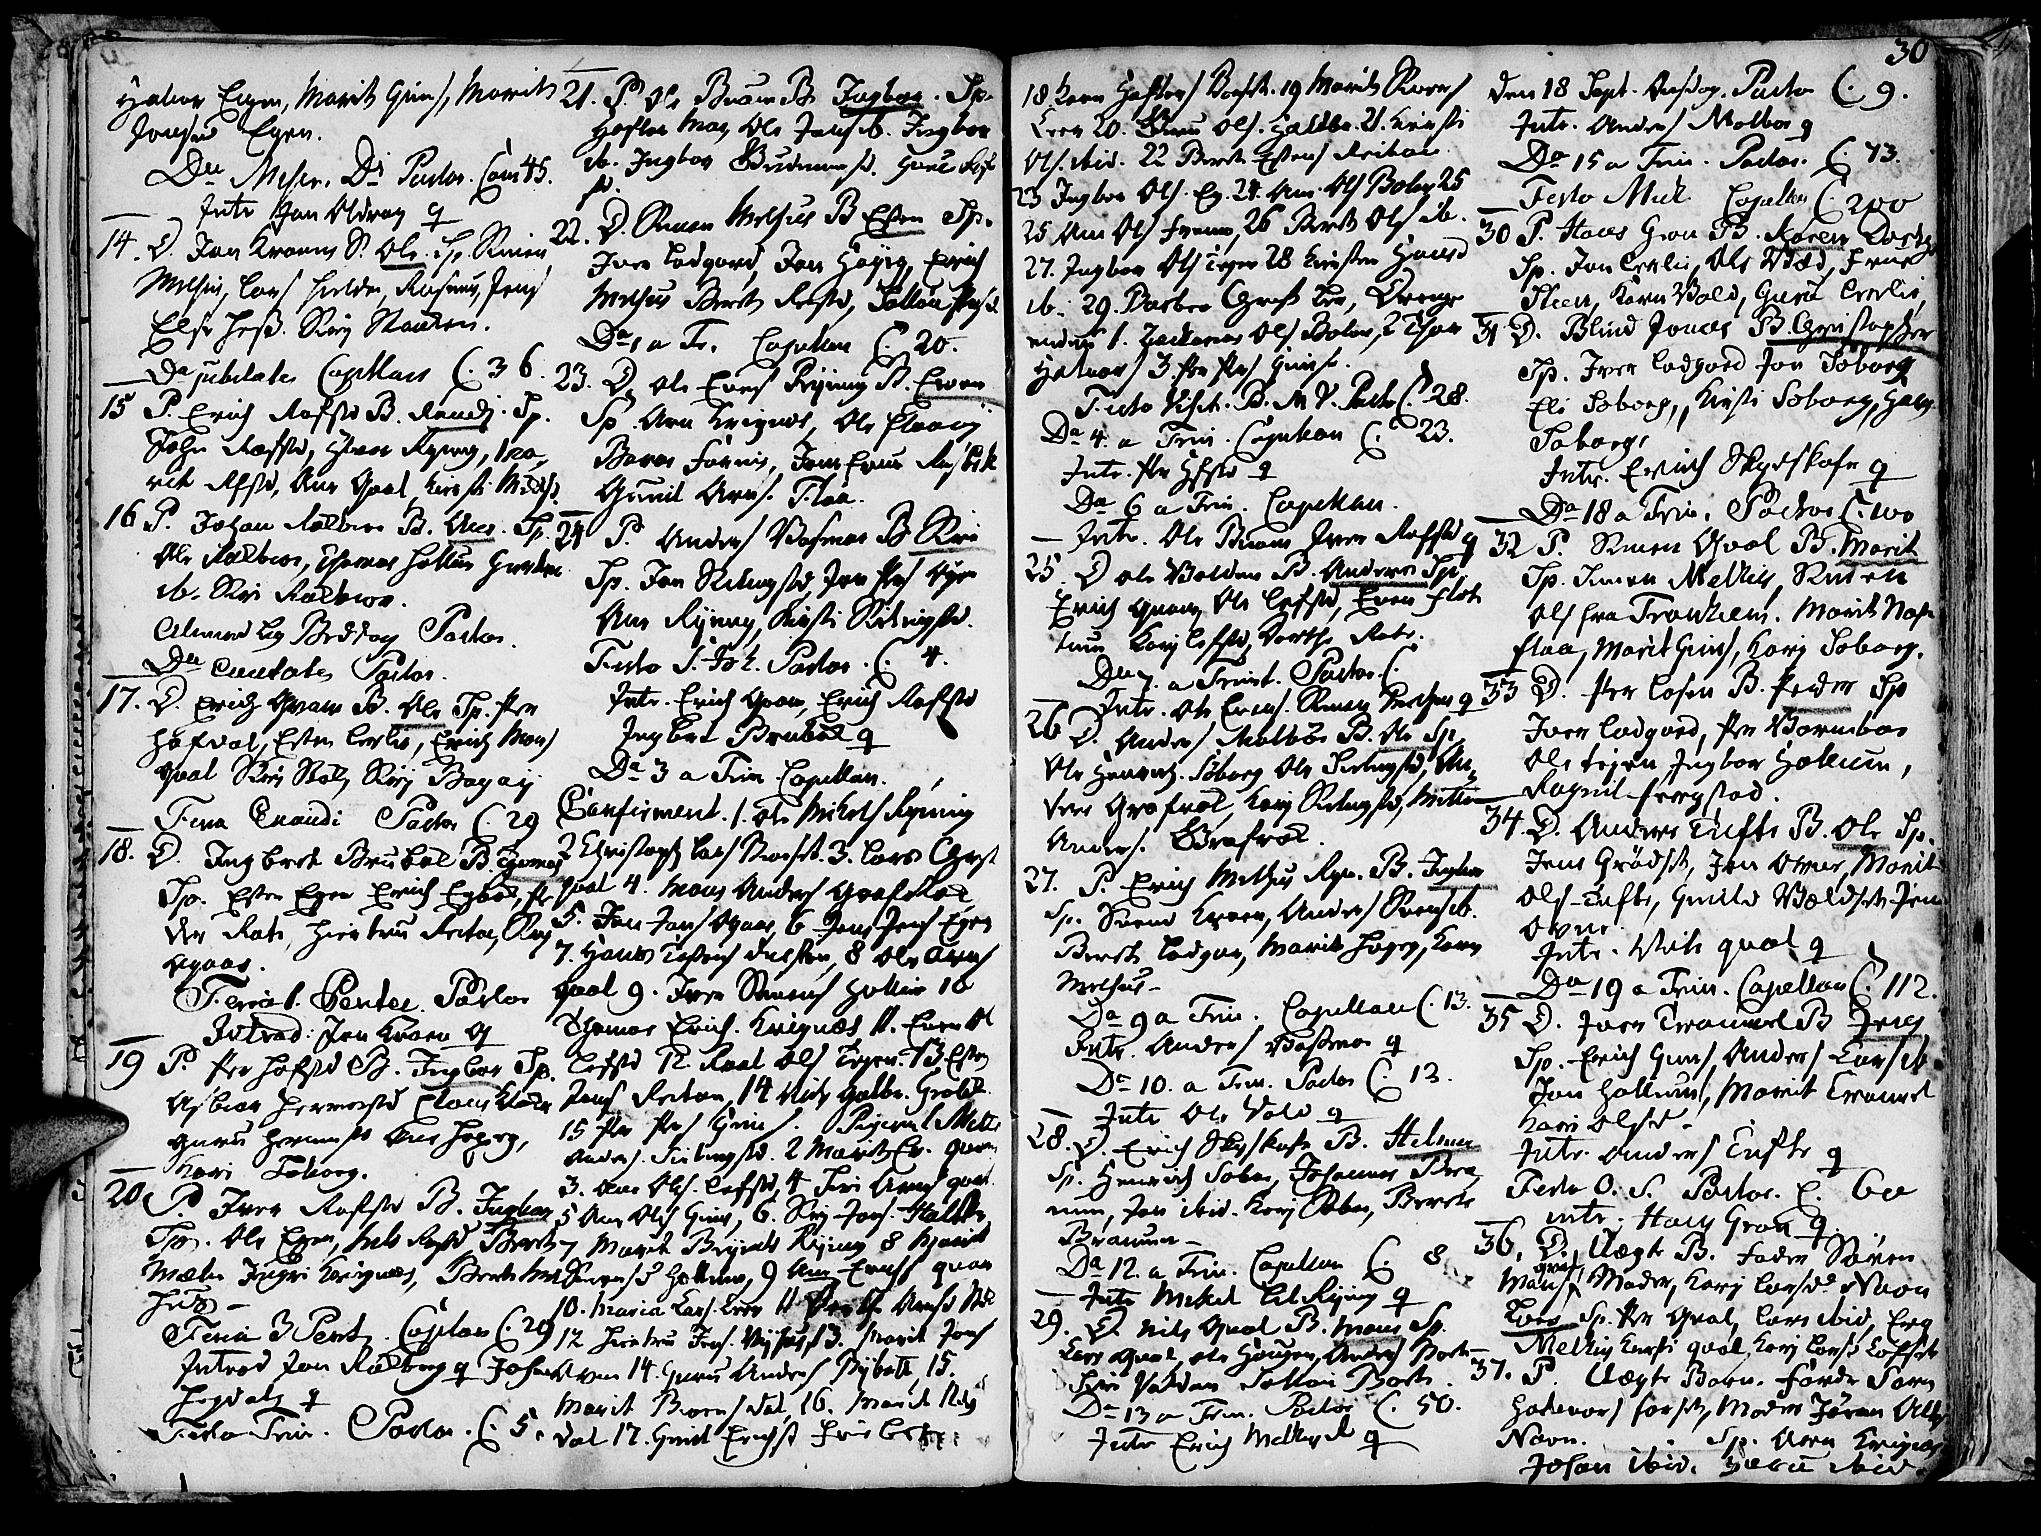 SAT, Ministerialprotokoller, klokkerbøker og fødselsregistre - Sør-Trøndelag, 691/L1057: Ministerialbok nr. 691A01 /1, 1740-1767, s. 30